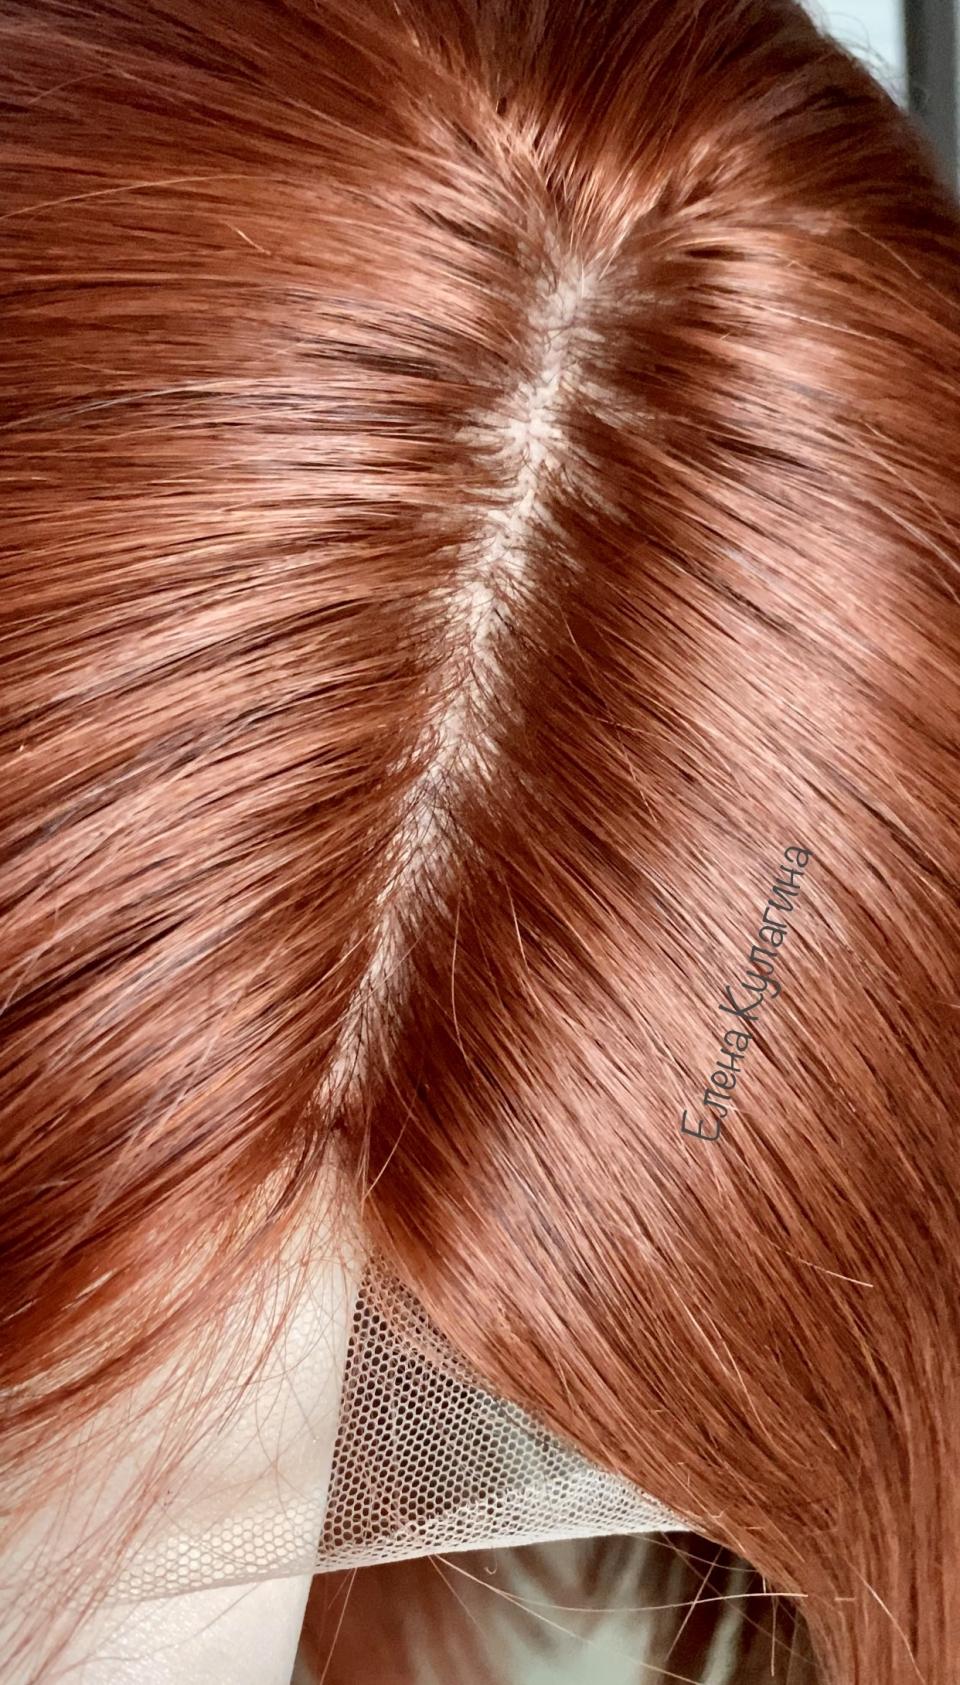 Обладая такой нужной вещью, как Система Волос вы не только станете владелицей эксклюзивного изделия, но и будете значительно экономить самый ценный ресурс - время! Да-да, к примеру, время на укладку по утрам, время на поиск стилиста, колориста, парикмахера, мастера по наращиванию волос и т.п. С системой волос можно не тратиться на все эти процедуры и всегда выглядеть шикарно, ведь богатый, ухоженный волос всегда выглядит дорого! Не нужно будет экспериментировать с окрашиванием своих собственных волос, с наращиванием отдельных прядок для придания длины или для загущения и гадать подойдёт ли та или иная стрижка, а потом годами устранять последствия неудачных процедур. Система замещения волос избавит Вас от этого и станет настоящей палочкой-выручалочкой.Для того, чтобы стать счастливой обладательницей уникальной, авторской системы замещения ручной работы из натуральных донорских волос, создать свой неповторимый образ и стиль, чувствовать себя привлекательной всегда и везде, выглядеть дорого и успешно, поражать великолепием своих шикарных волос и получать массу приятных комплиментов ➡️ форма контакта ➡️Постижер Елена Кулагина#ассамблея #ахмир #созданиесистемыволос #постиж #постижер #пошивсистемыволос #системаволос #индивидуальныйпошивсистемы #системазамещенияволос #тамбуровка #еленакулагина #натуральныеволосы #парик #парики #парикнасеточке #замещениеволос #объёмволос #парикнасеточке #мастерпостижа #мастерпостижереленакулагина #дизайнер #парикмахер #ремесло #монопарик #постижерноеискусство #парикручнаяработа #постижерноедело #накладкаизволос #накладкадляволос #славянскиеволосы #алопеция #sistemavolos